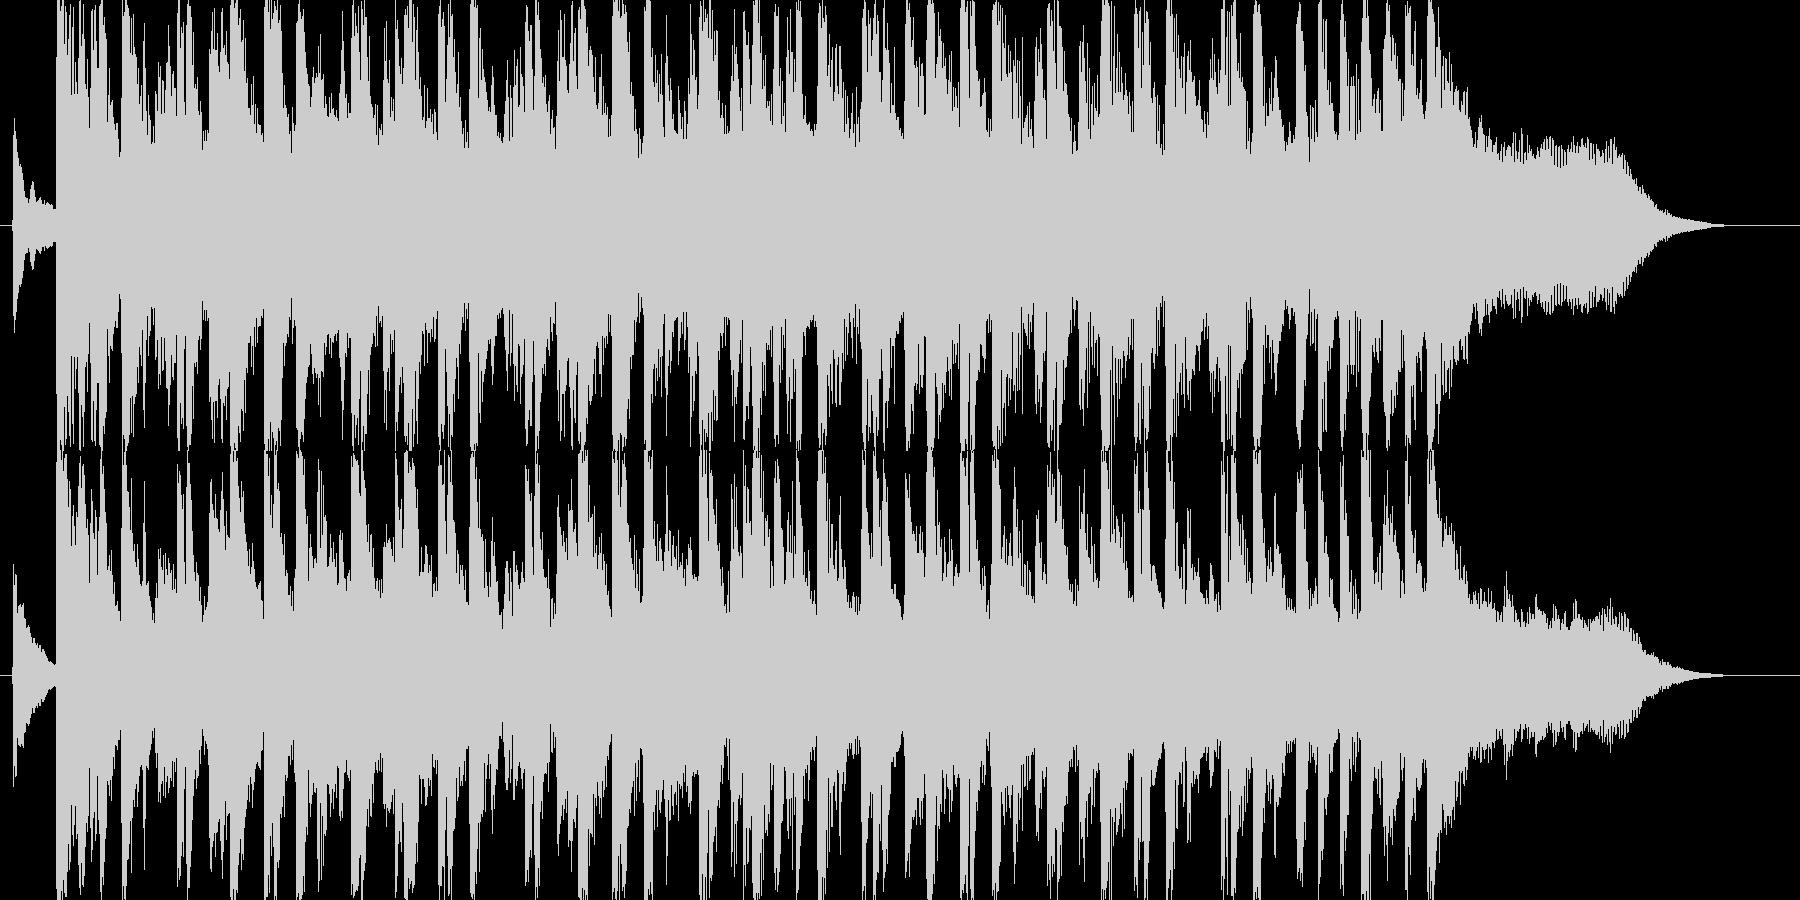 ニュース番組のオープニング風の未再生の波形